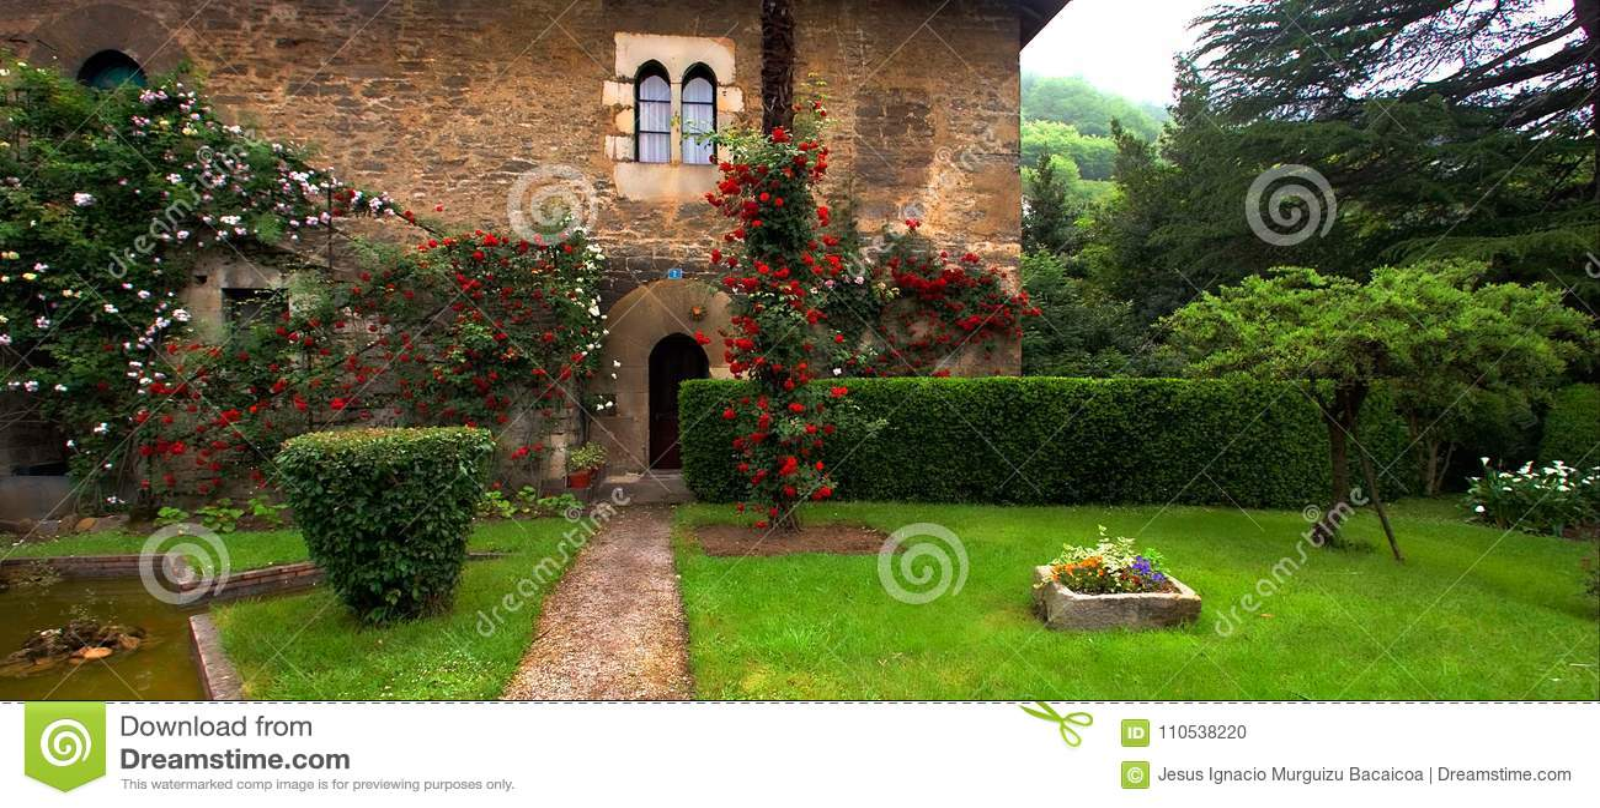 Old Renaissance House With Garden In Bergara Guipuzcoa Stock Photo ...